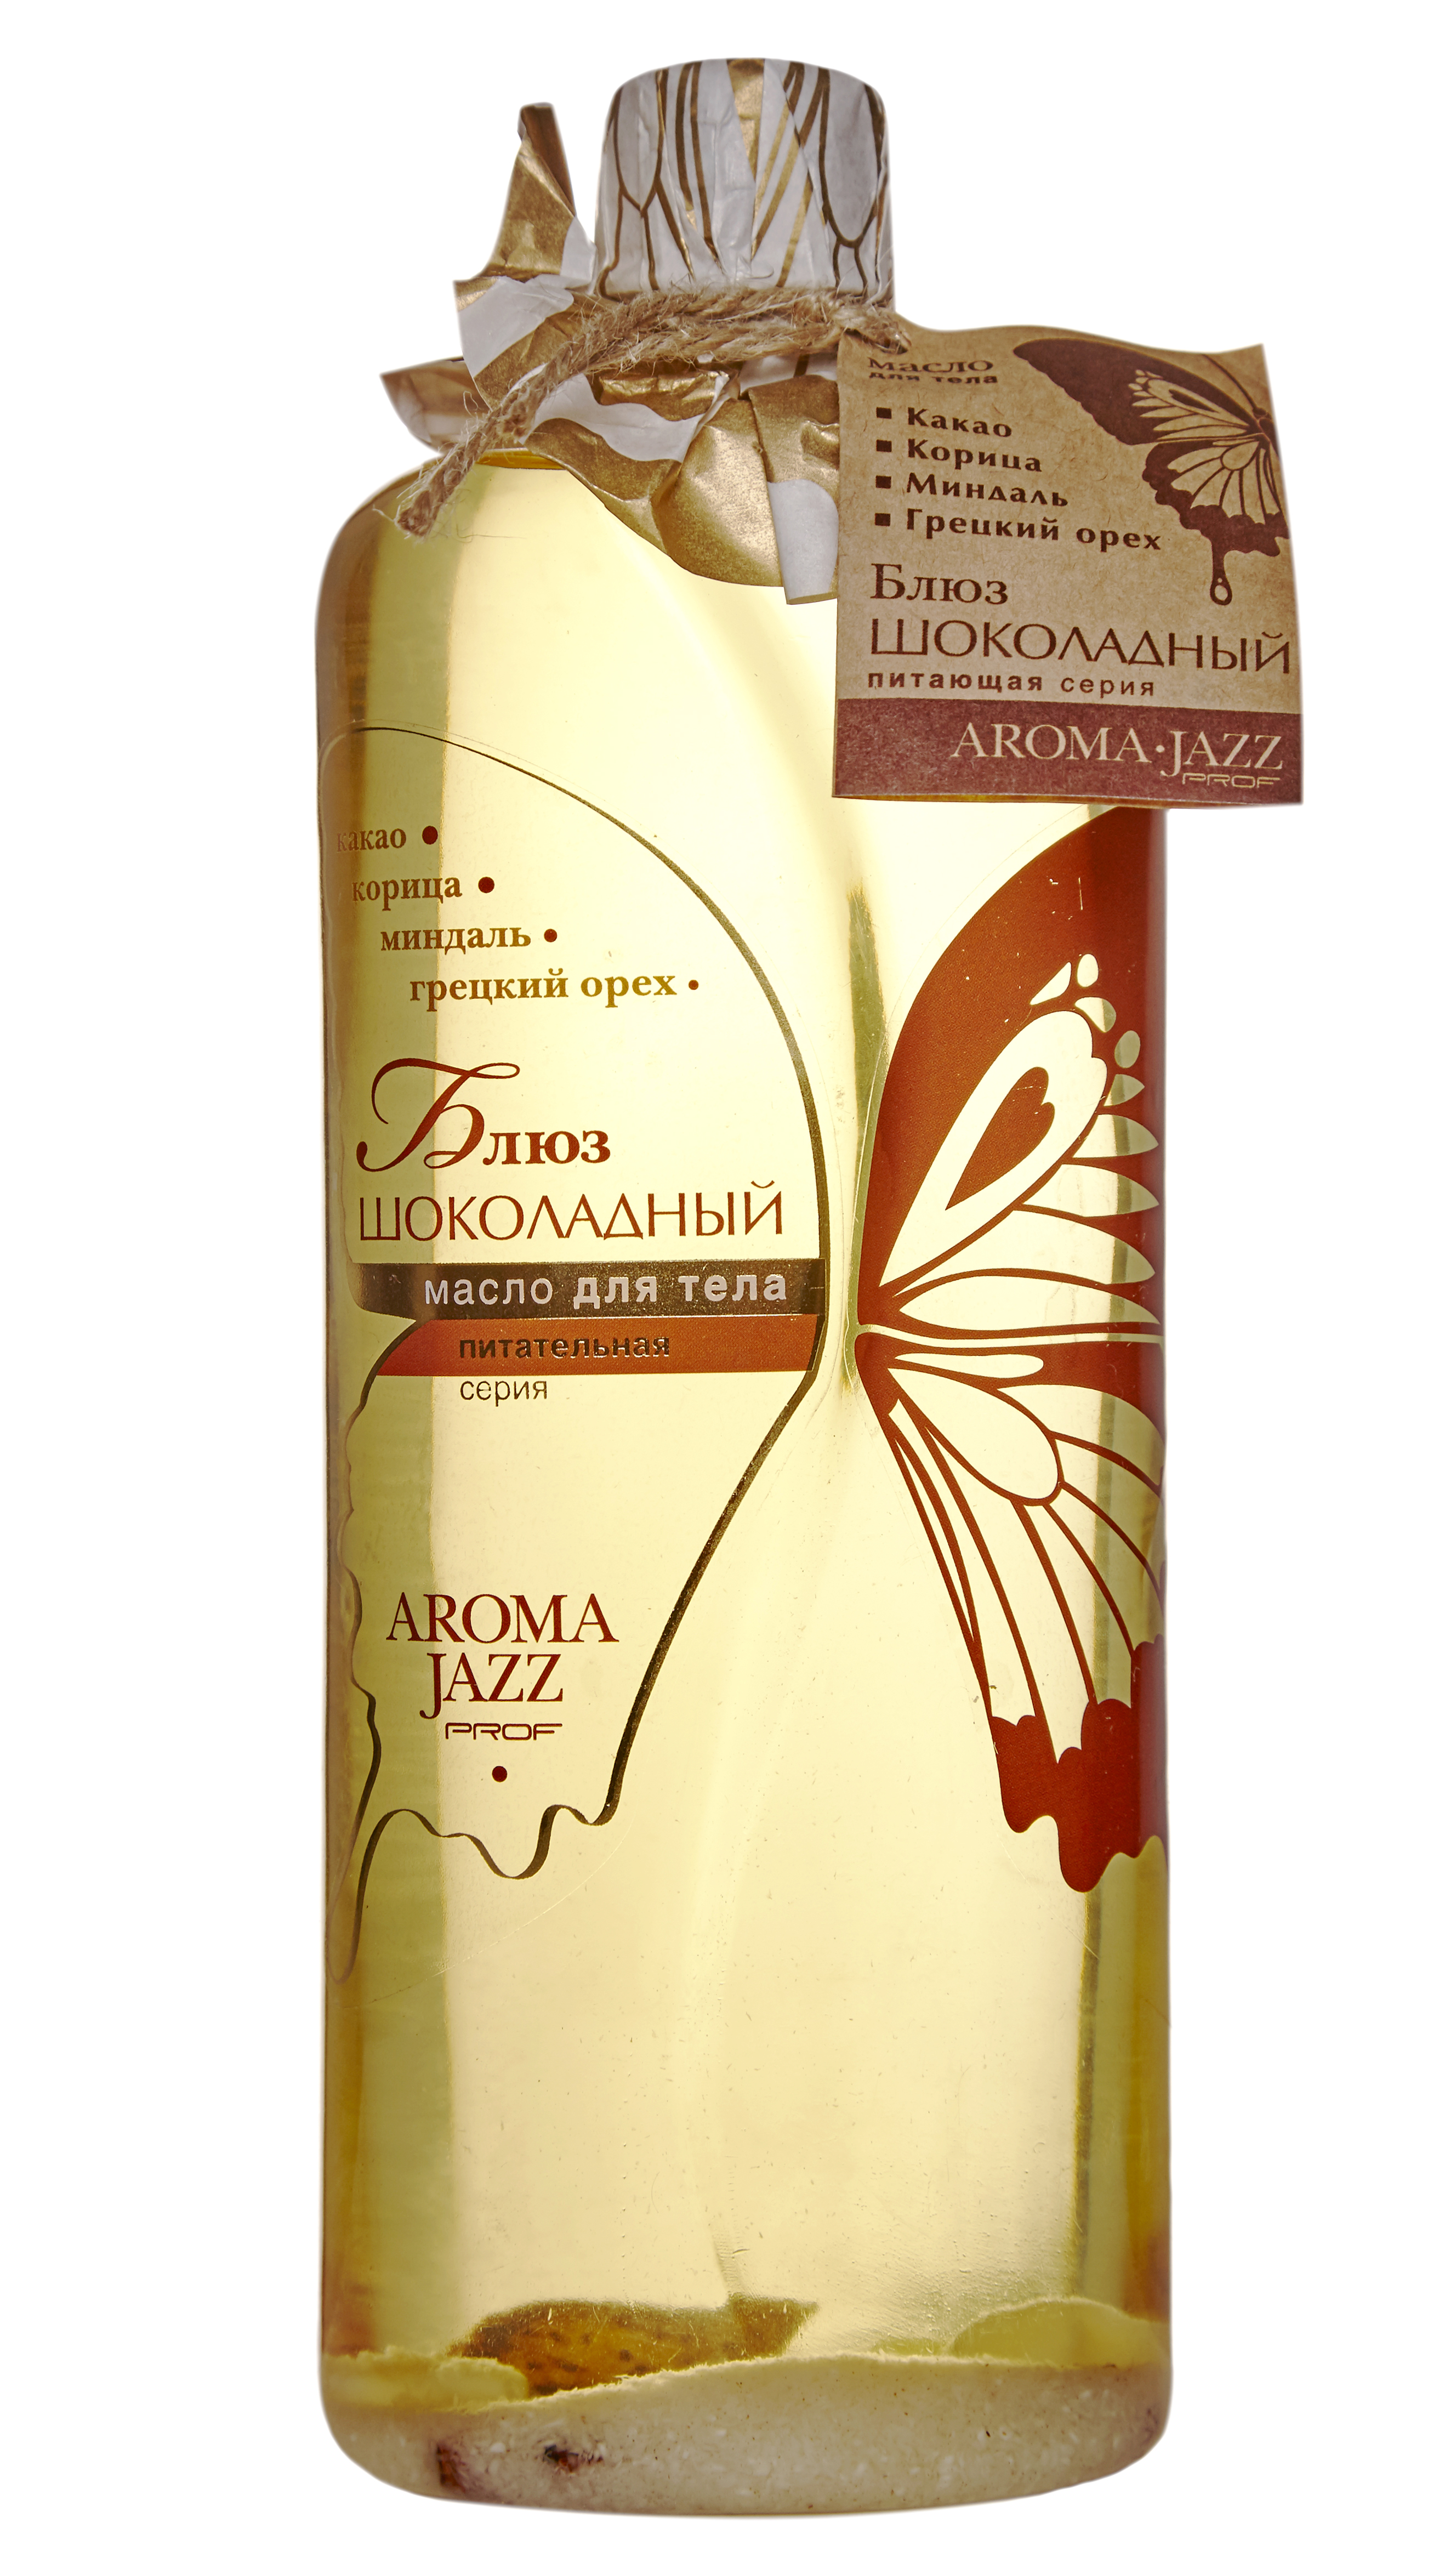 """AROMA JAZZ Масло массажное жидкое для тела """"Шоколадный блюз"""" 1000мл недорого"""